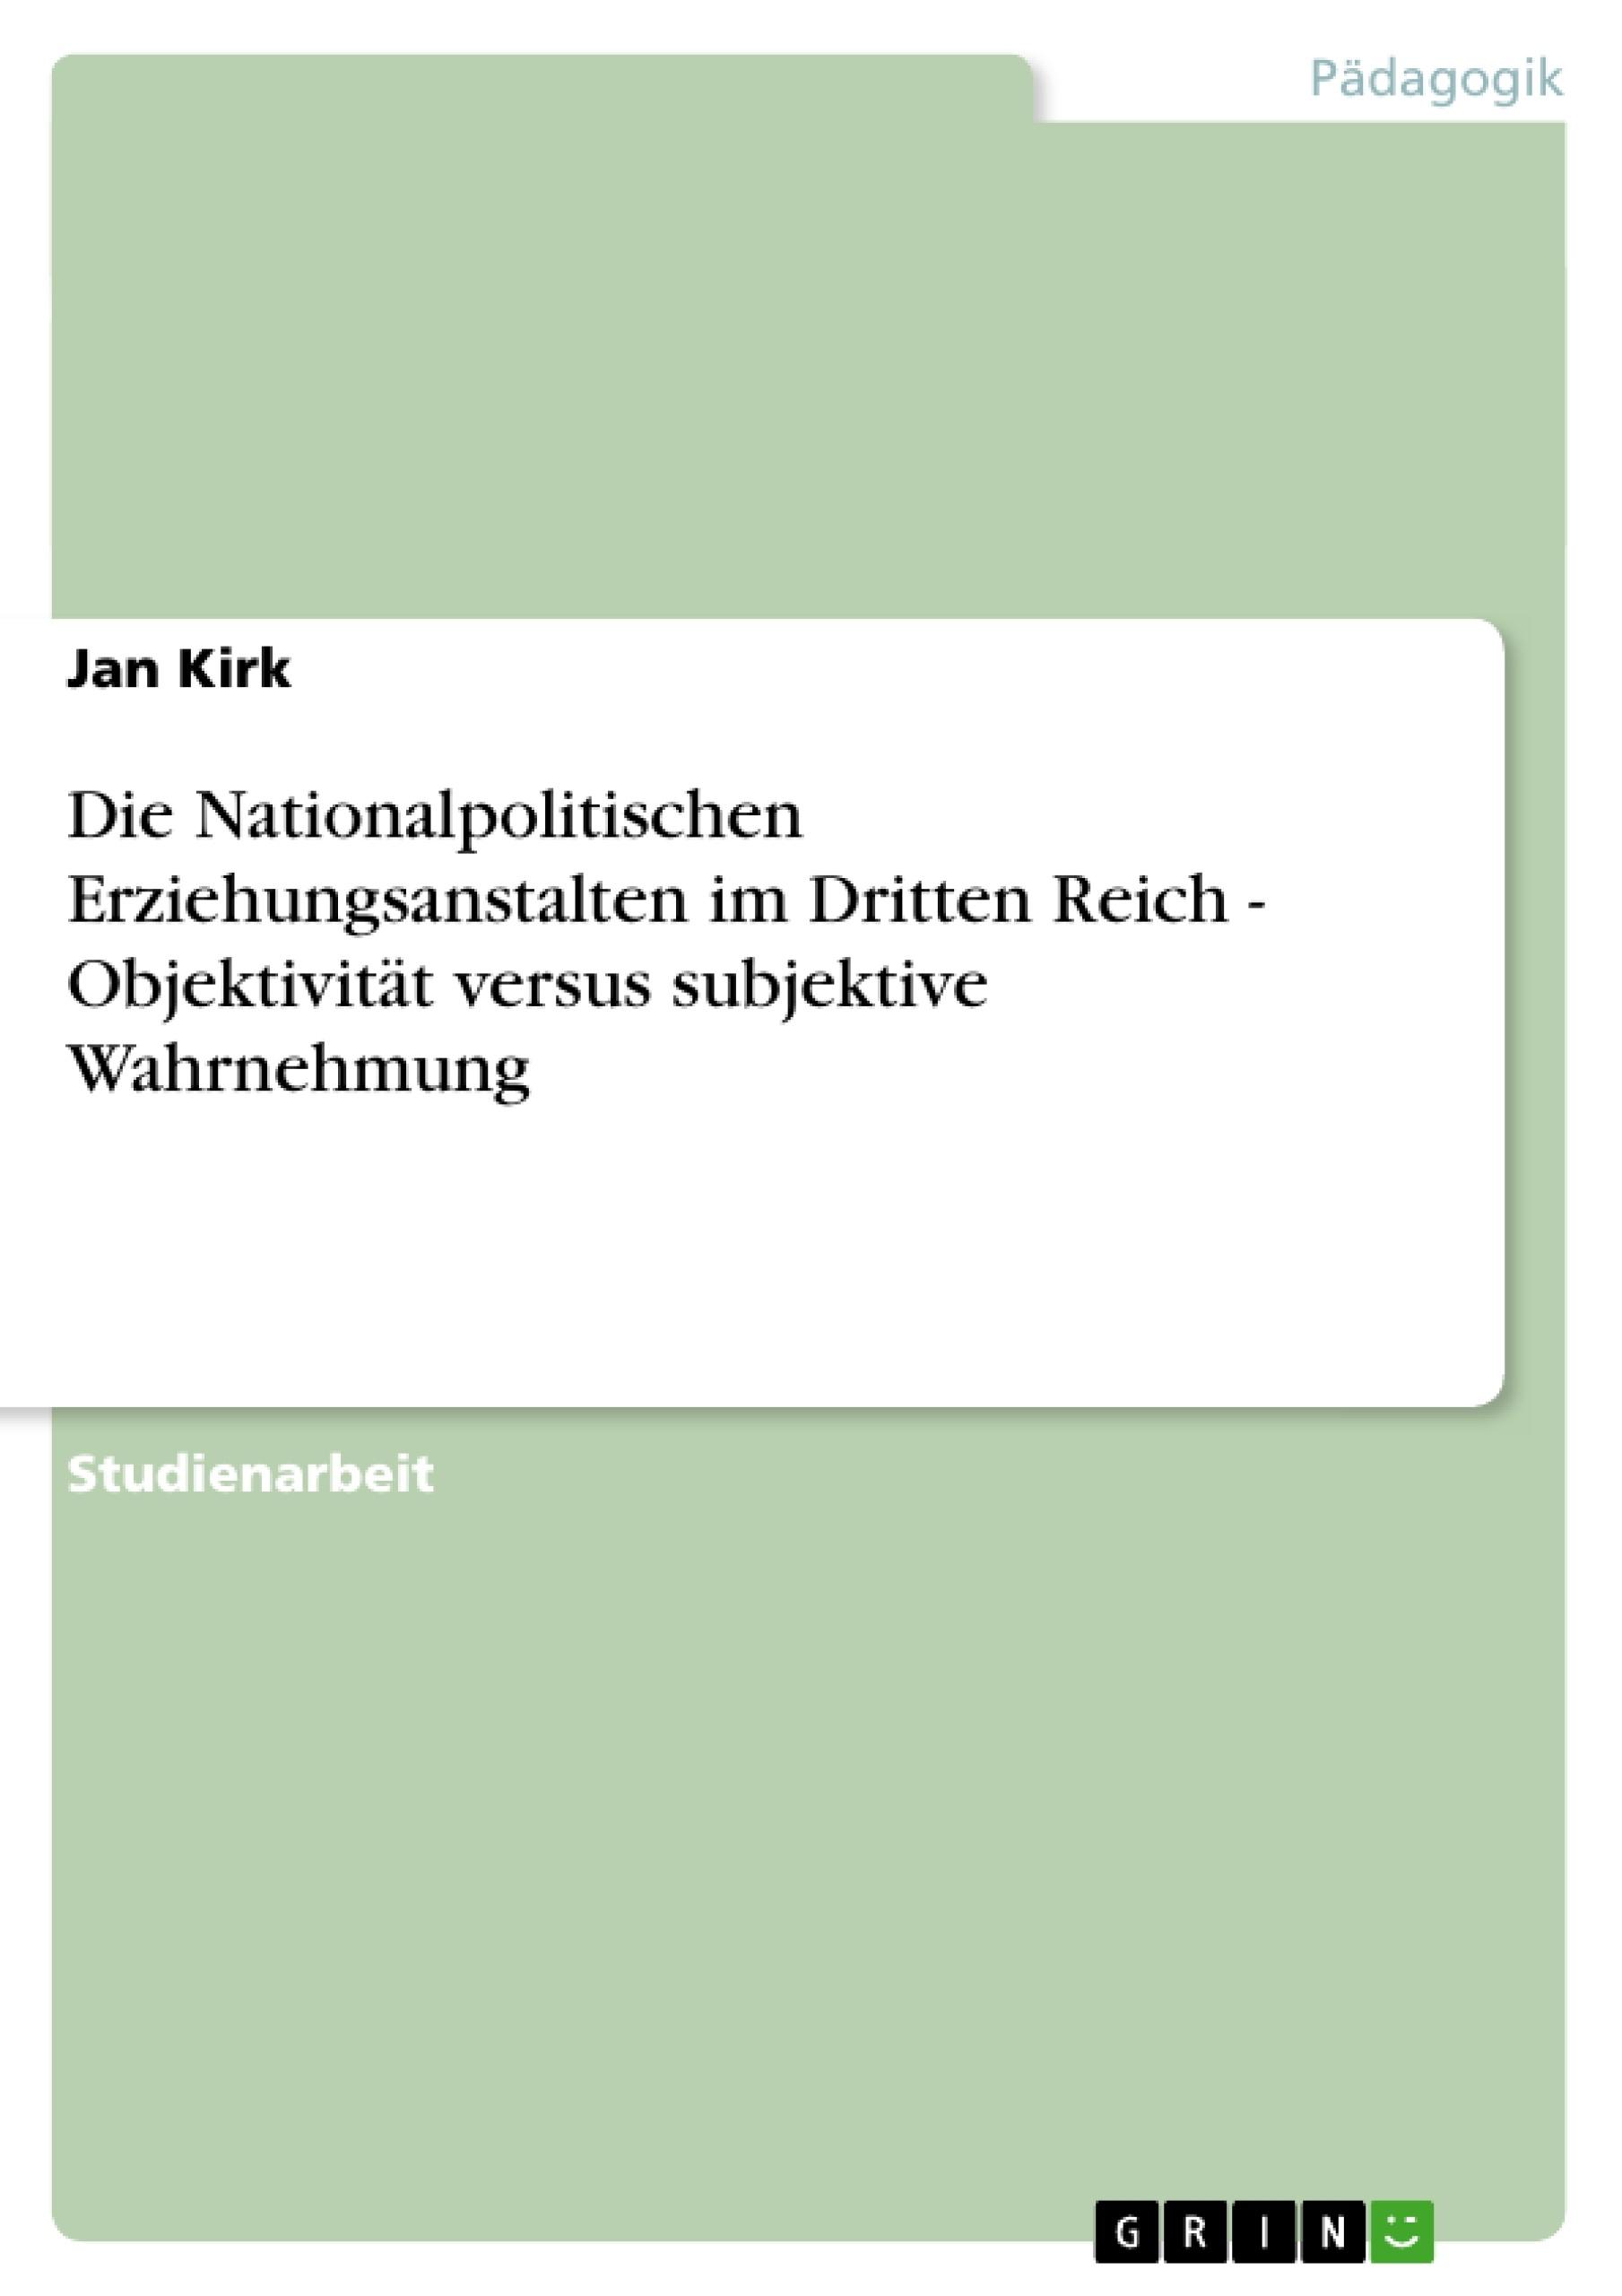 Titel: Die Nationalpolitischen Erziehungsanstalten im Dritten Reich - Objektivität versus subjektive Wahrnehmung